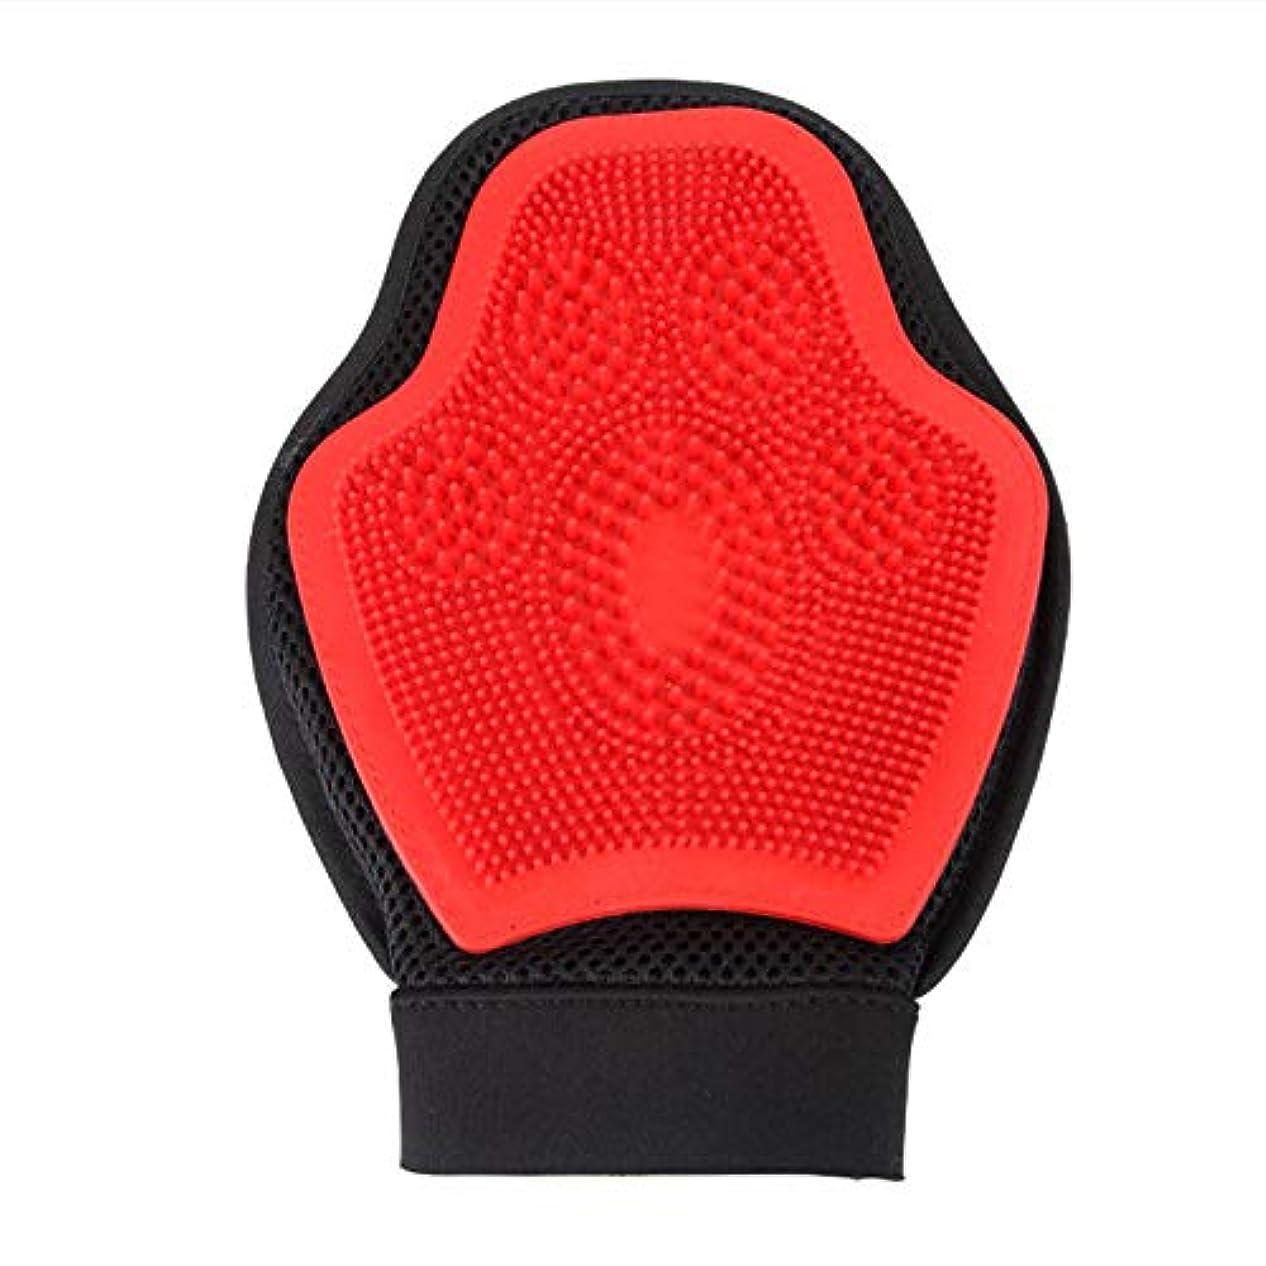 蓋宙返り尊敬するBTXXYJP 手袋 ペット ブラシ グローブ 猫 ブラシ クリーナー 抜け毛取り ブラッシング マッサージブラシ 犬 グローブ ペット毛取りブラシ お手入れ (Color : Red, Size : L)